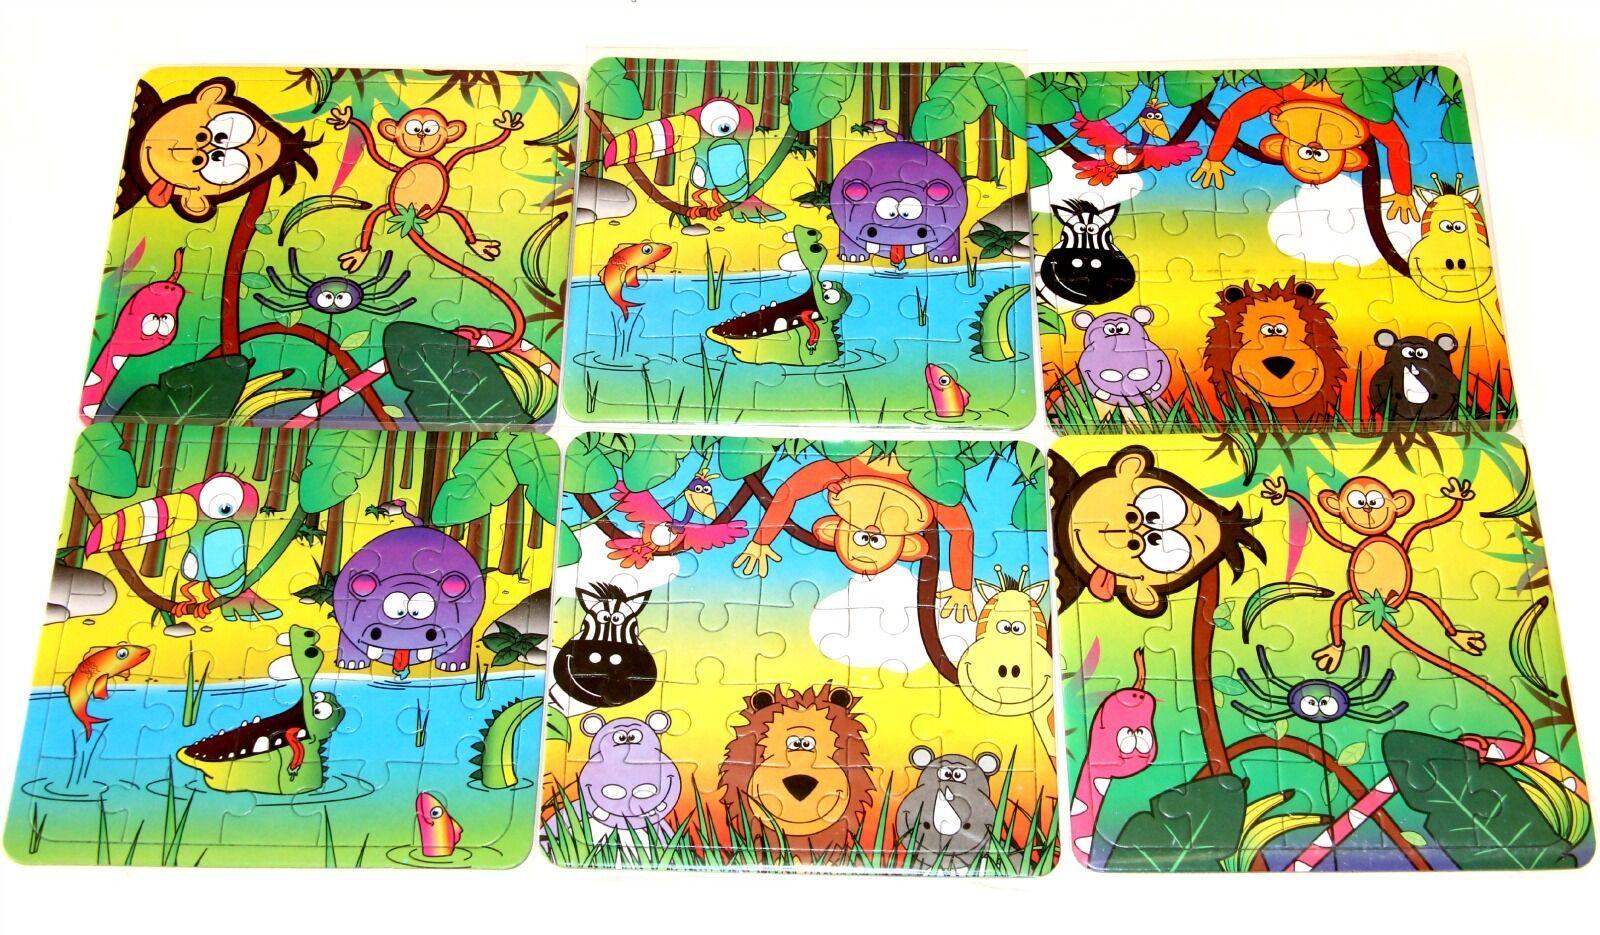 12 Ragazzi Ragazze Giungla Animali Puzzle Giocattolo Festa Borse Filler GOODY bambini